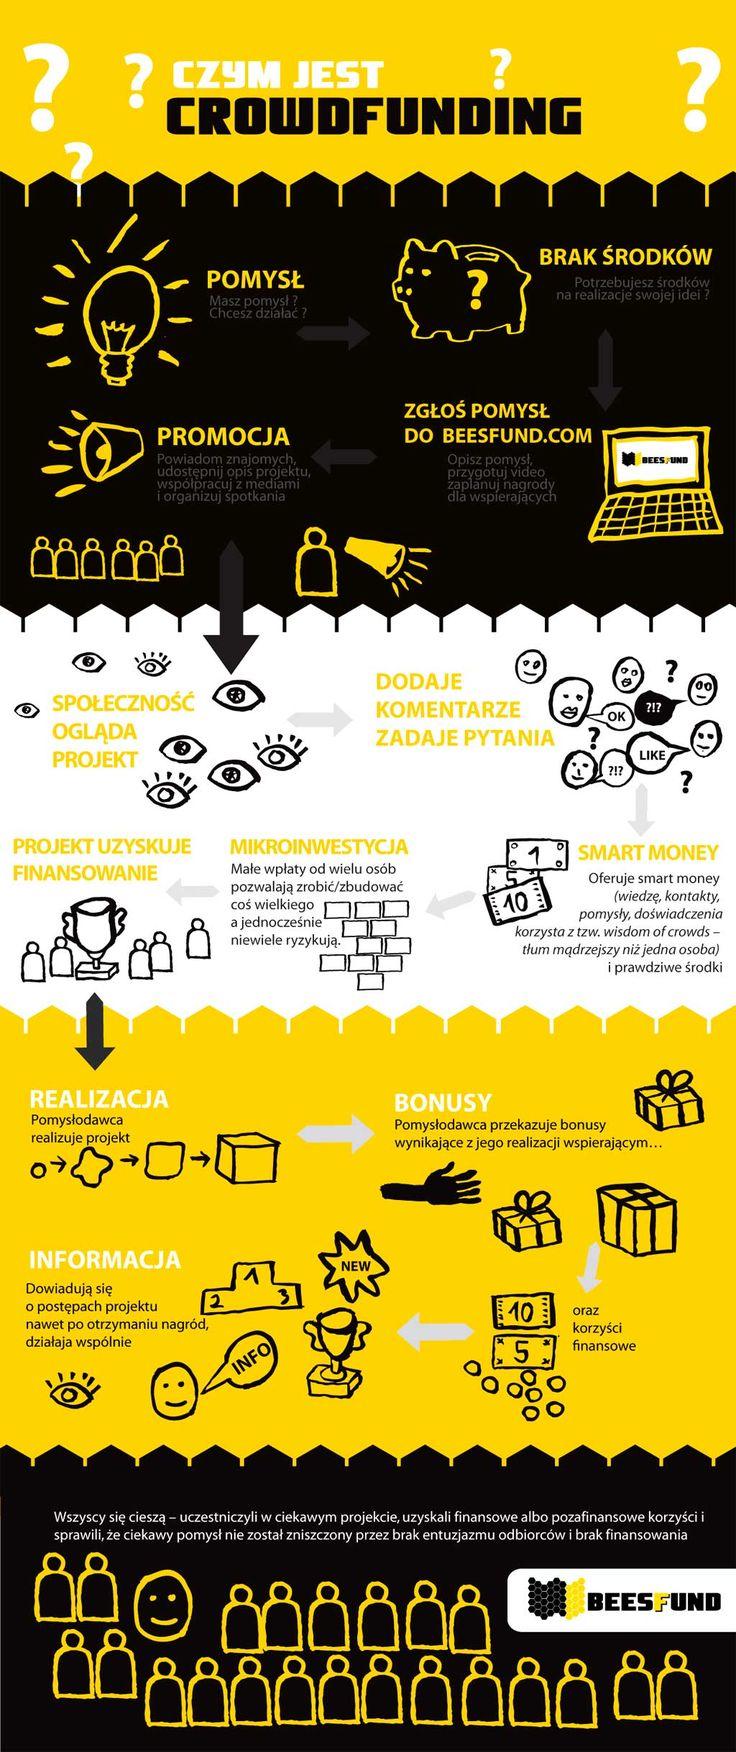 Beesfund.com to polska platforma finansowania społecznościowego, która jako pierwsza umożliwi wspieranie projektów o charakterze udziałowym. Infografika pokazuje cały proces zbiórki finansowania społecznościowego w ciekawy sposób.